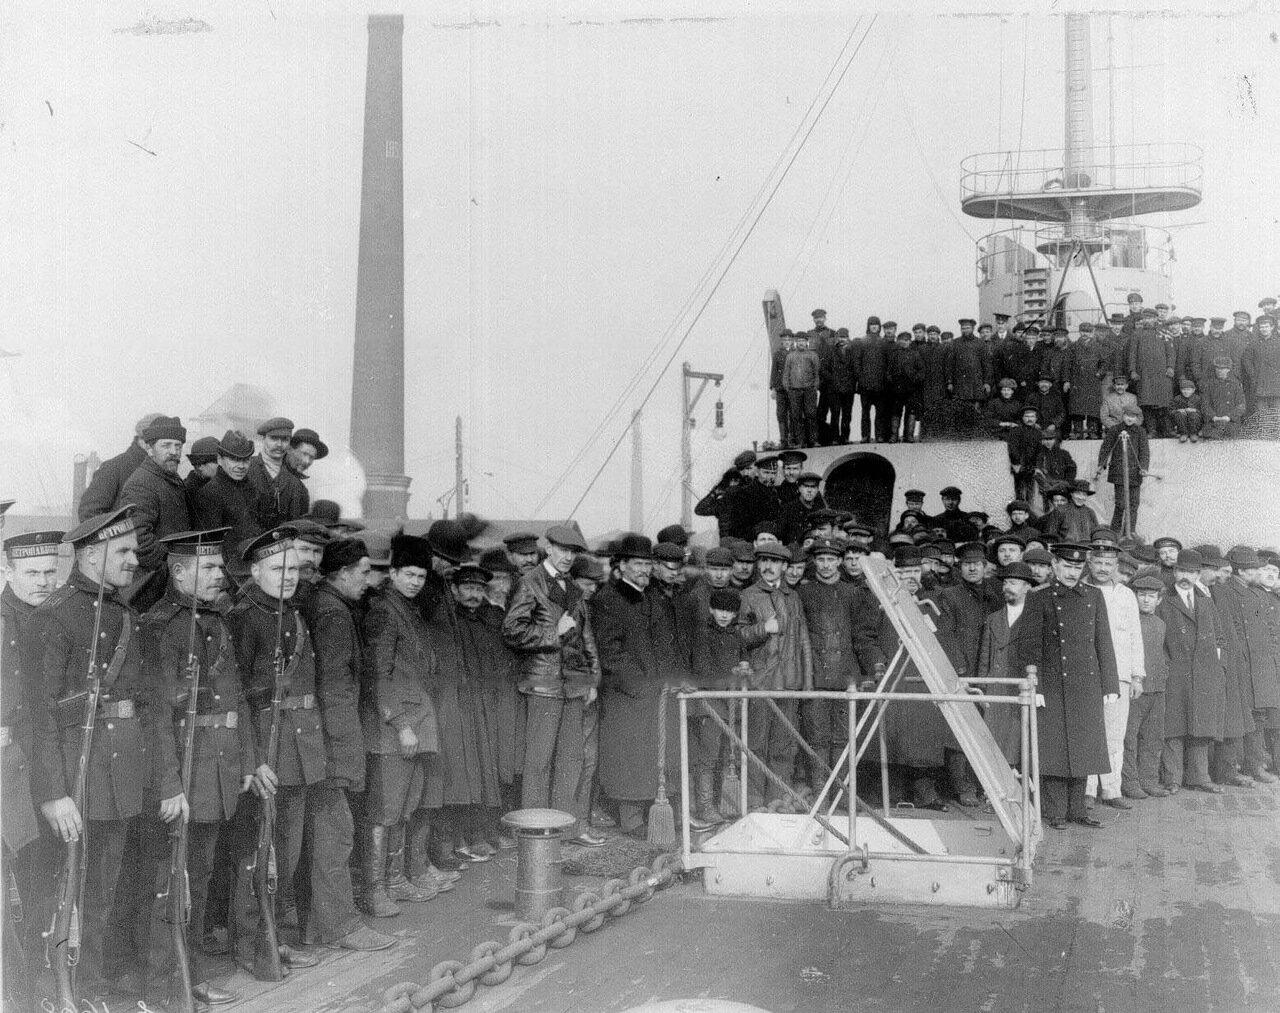 25. Группа инженеров и рабочих завода, принимавших участие в строительстве линкора «Петропавловск» на его верхней палубе во время посещения линкора императором Николаем II.